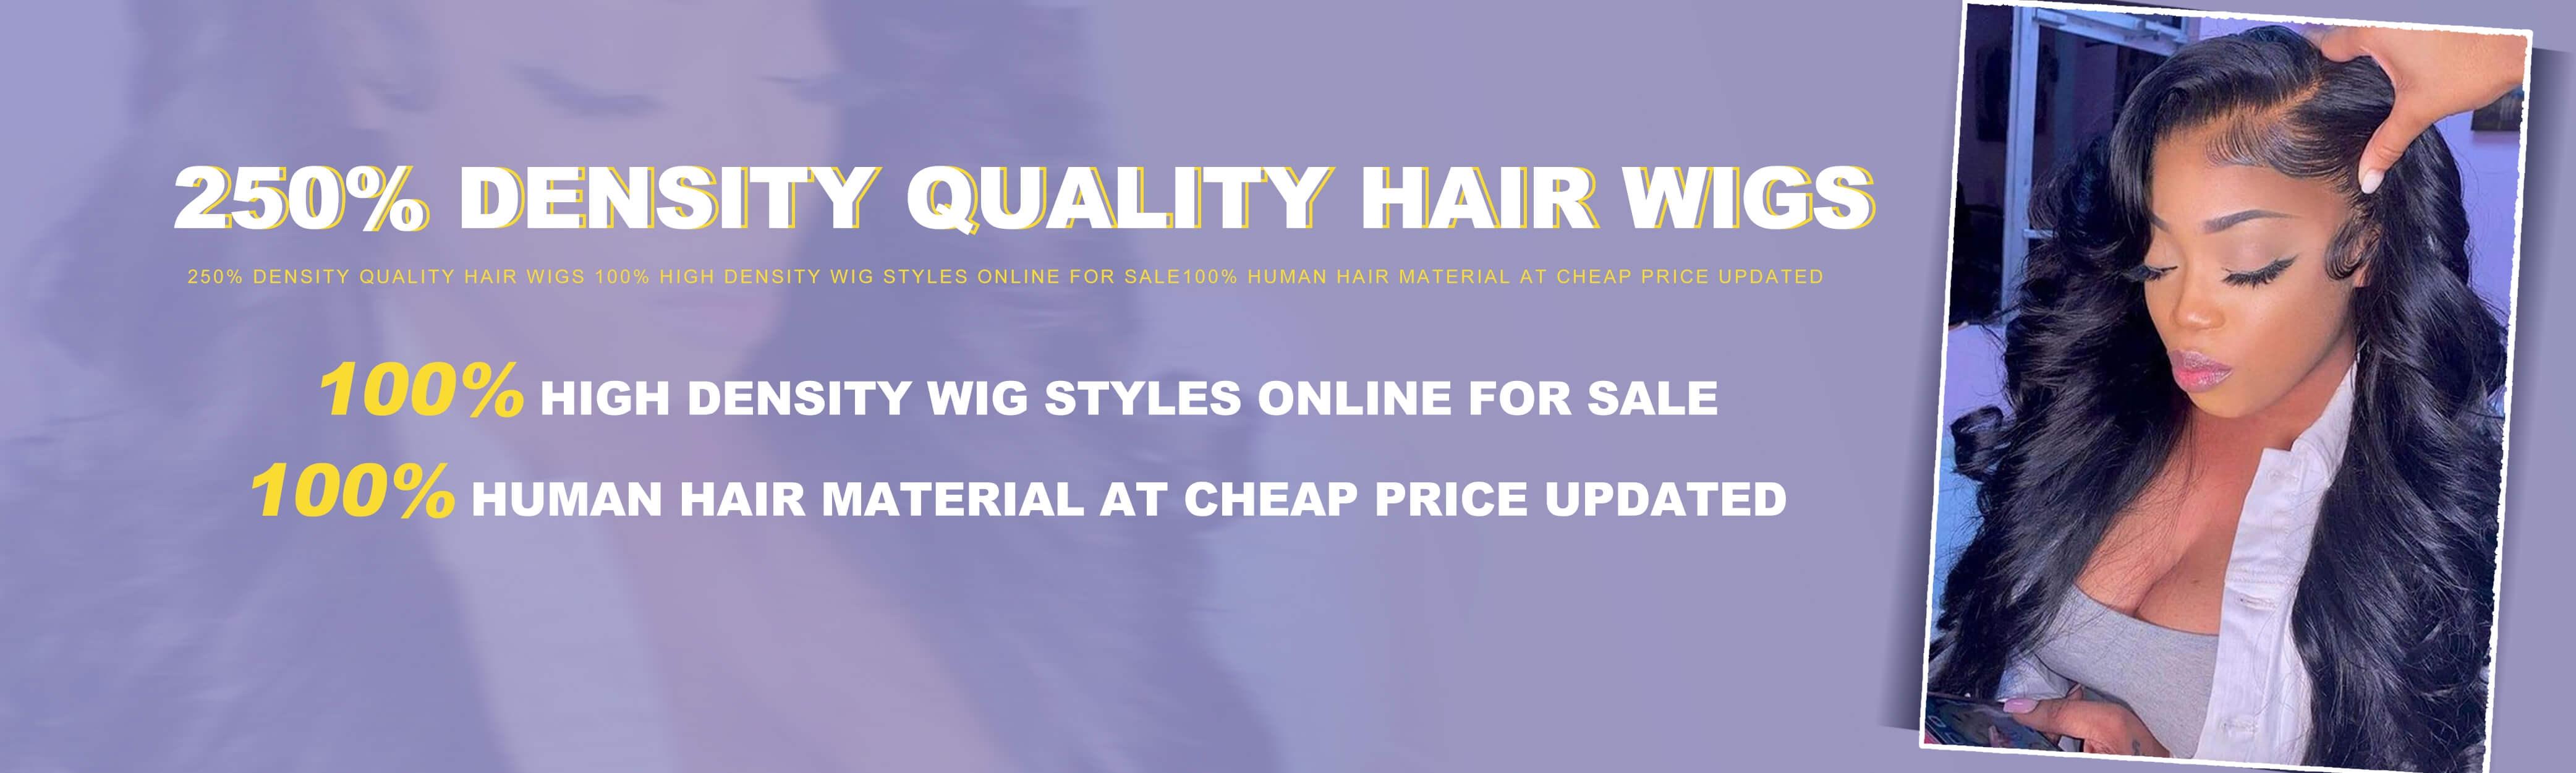 250% Density Wigs